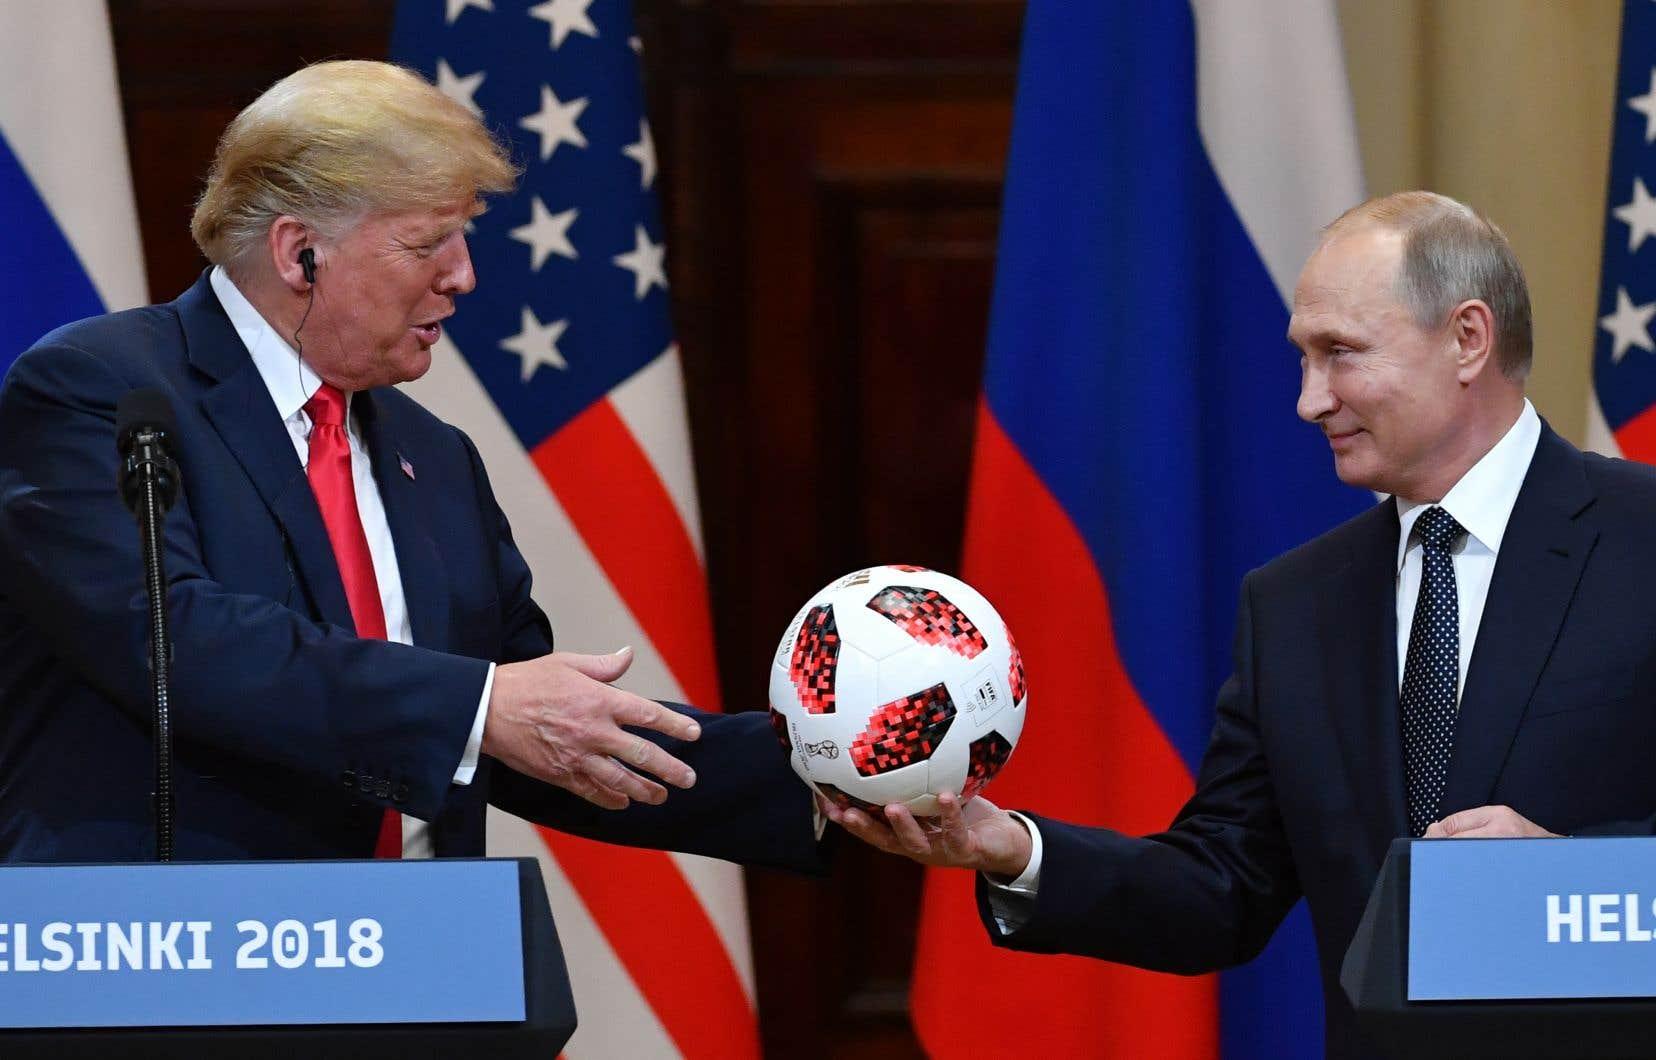 Les présidentsDonald Trump et Vladimir Poutine